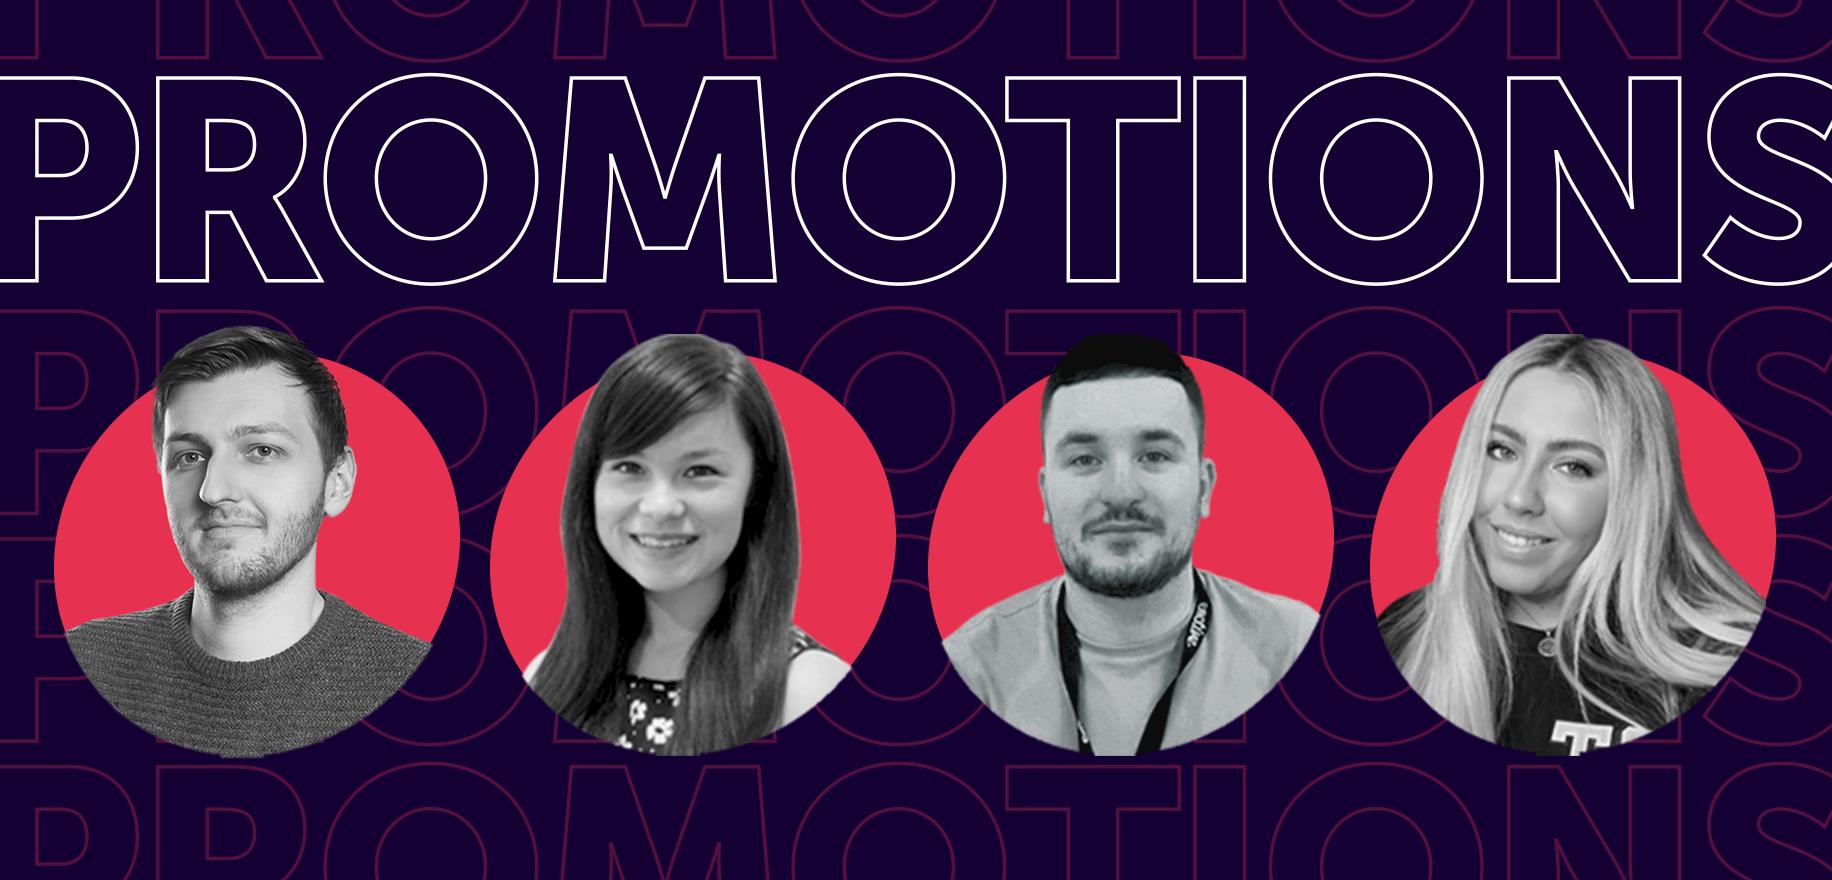 emotive's medical team promotions